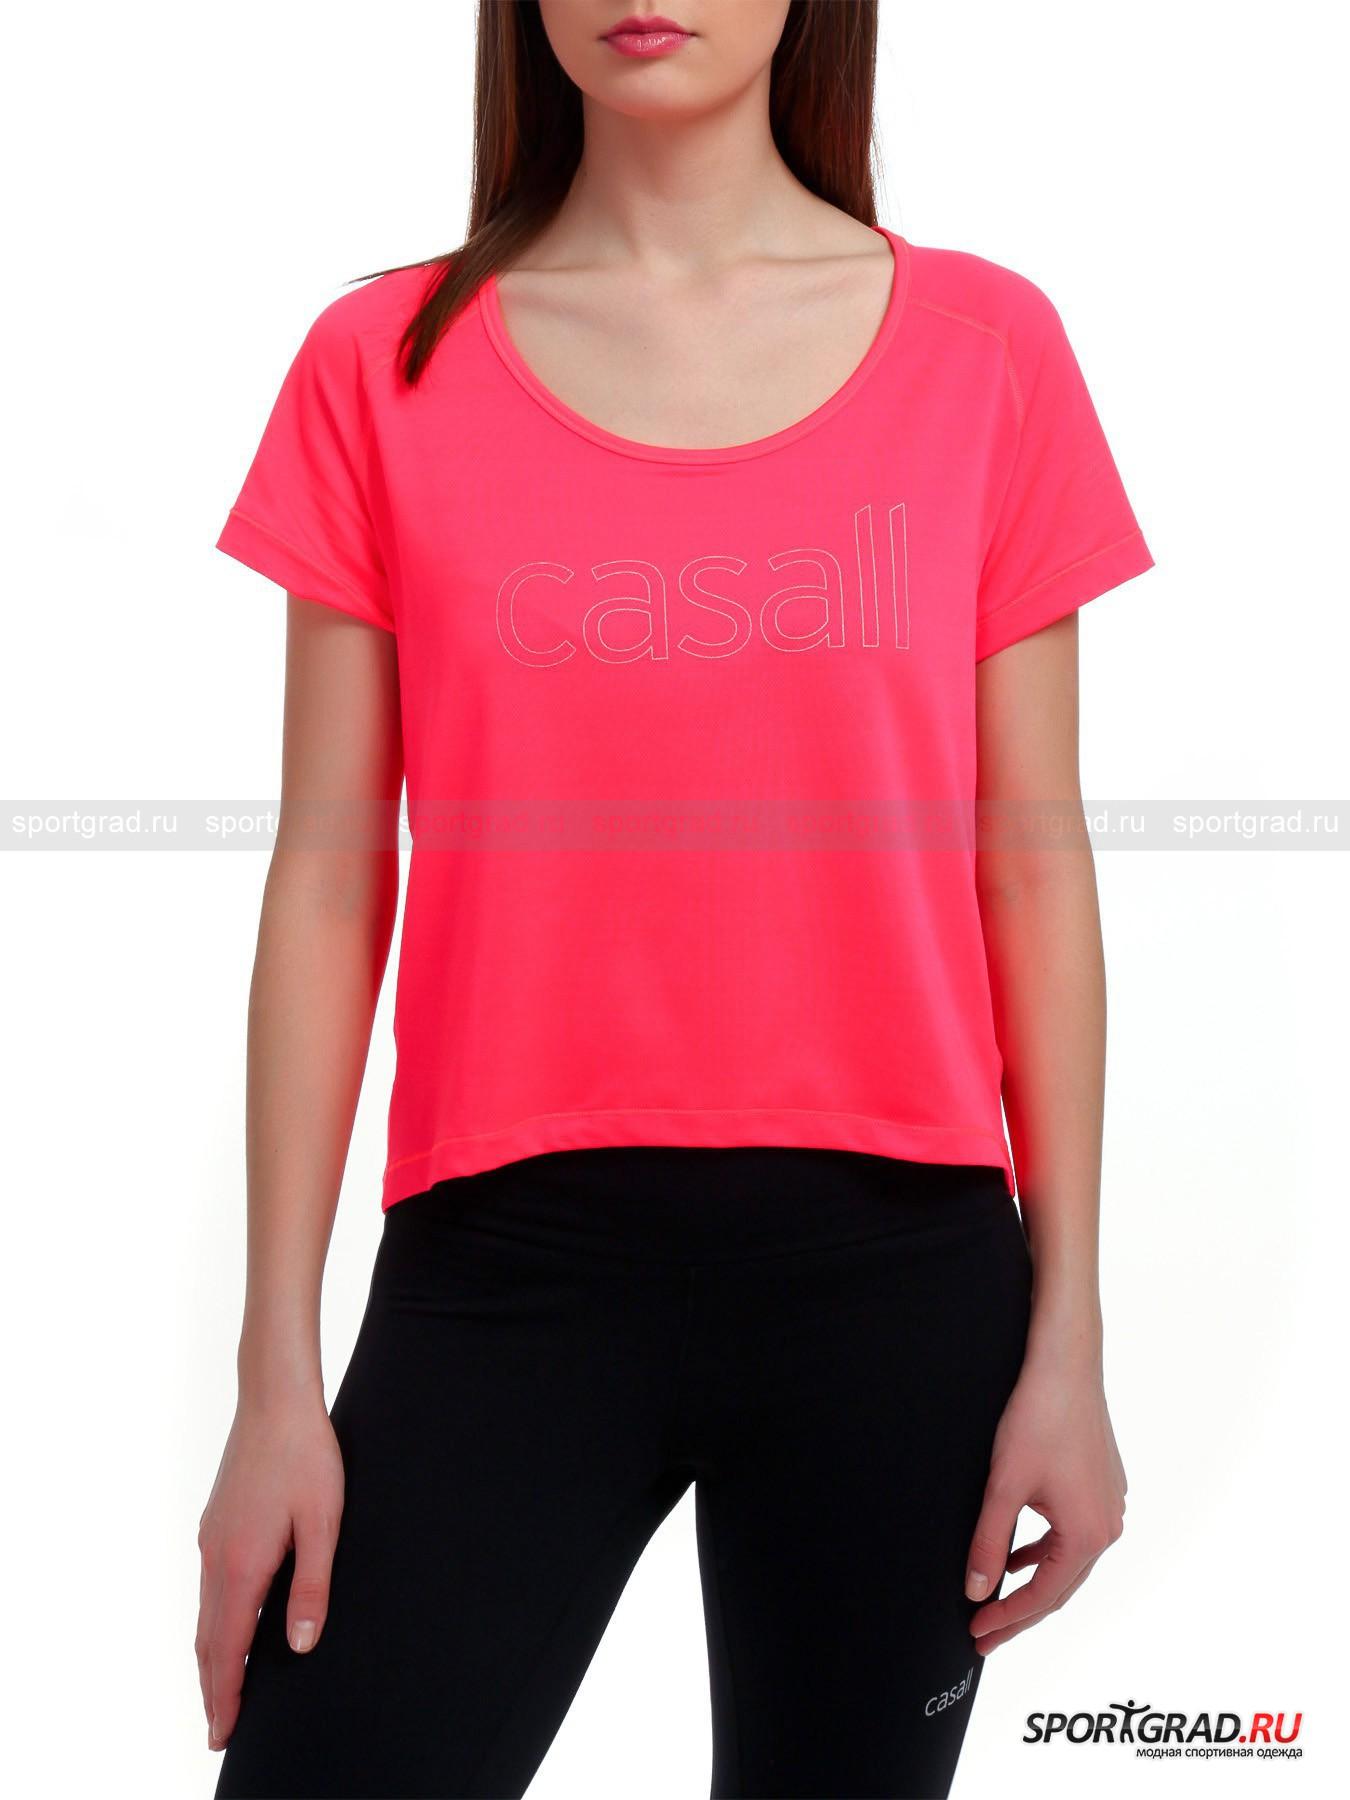 Футболка женская функциональная Loose mesh running tee для бега и фитнесаФутболки<br>Свободная женская футболка Loose mesh running tee модного молодежного кроя имеет фигурный подрез спереди и, соответственно, удлиненную спинку, которые из функциональной модели для бега превратили изделие еще и в трендовую вещь.<br><br>Целиком состоящая из эластичного перфорированного материала, футболка отлично вентилируется и выветривает пот. Рукава-реглан гарантируют плечам и корпусу полноценную свободу движений, а повсеместная плоская прострочка с эффектом шва наружу оберегает полотно от деформаций во время стирки. Спереди модель декорирована буквенным принтом, чей контур вывел название уважаемого шведского бренда.   <br><br>Длина сзади по центру от горловины до низа 55 см, длина рукава по внутреннему шву 7 см, ширина груди 47 см, ширина по бедрам 49 см (размер 36).<br><br>Пол: Женский<br>Возраст: Взрослый<br>Тип: Футболки<br>Рекомендации по уходу: Изделию показана стирка при температуре строго 40°, глажка при температуре, не превышающей 110°, и бережная химчистка. Запрещено отбеливание и сушка в барабане или электросушилке для белья.<br>Состав: 86% полиамид, 14% эластан